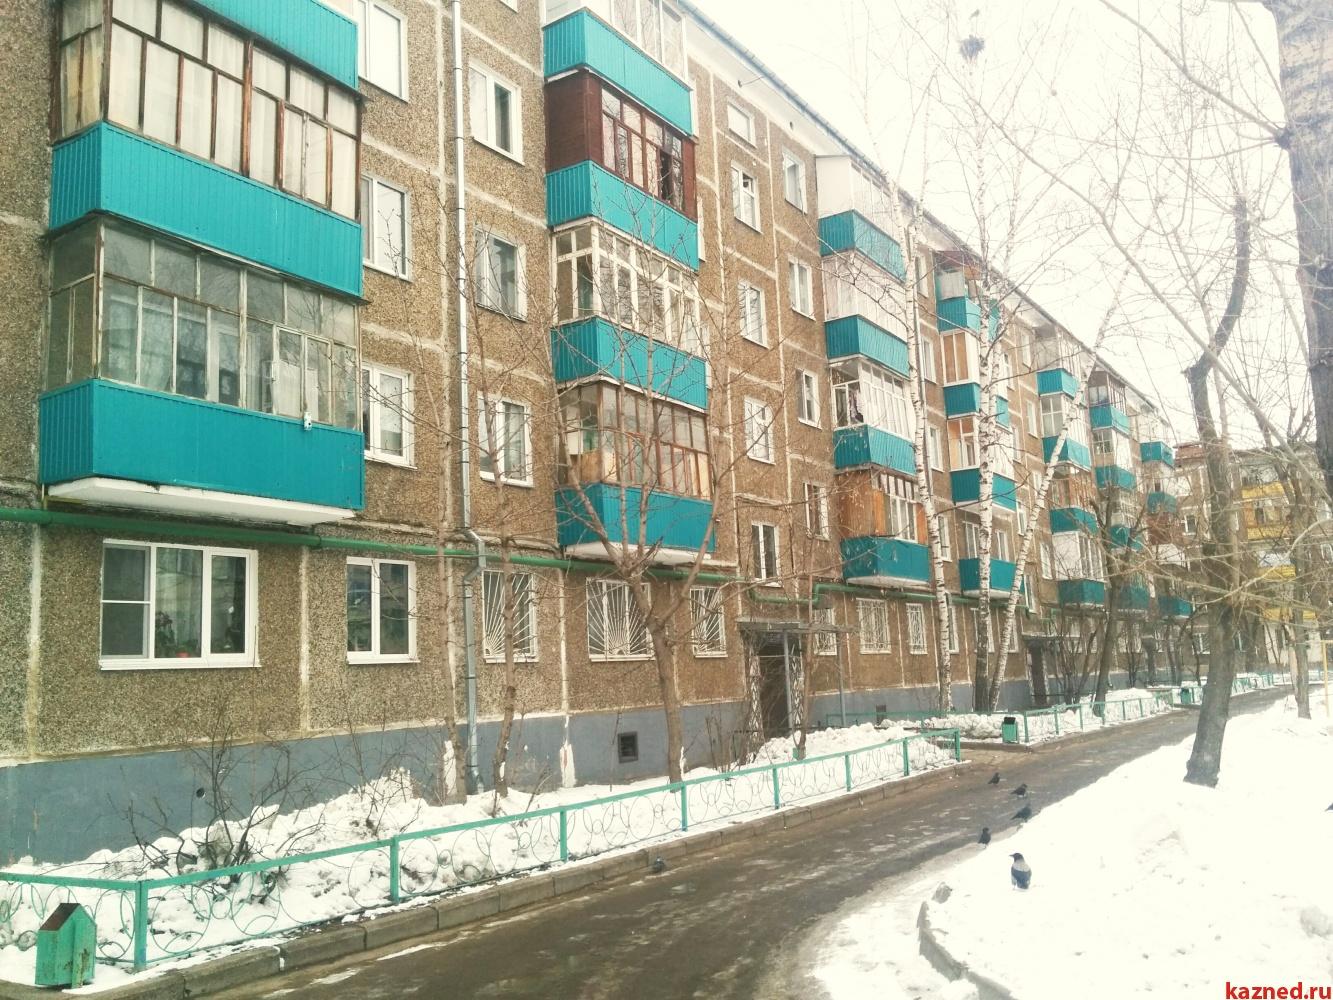 Продажа 2-к квартиры Короленко,  45, 43 м²  (миниатюра №2)